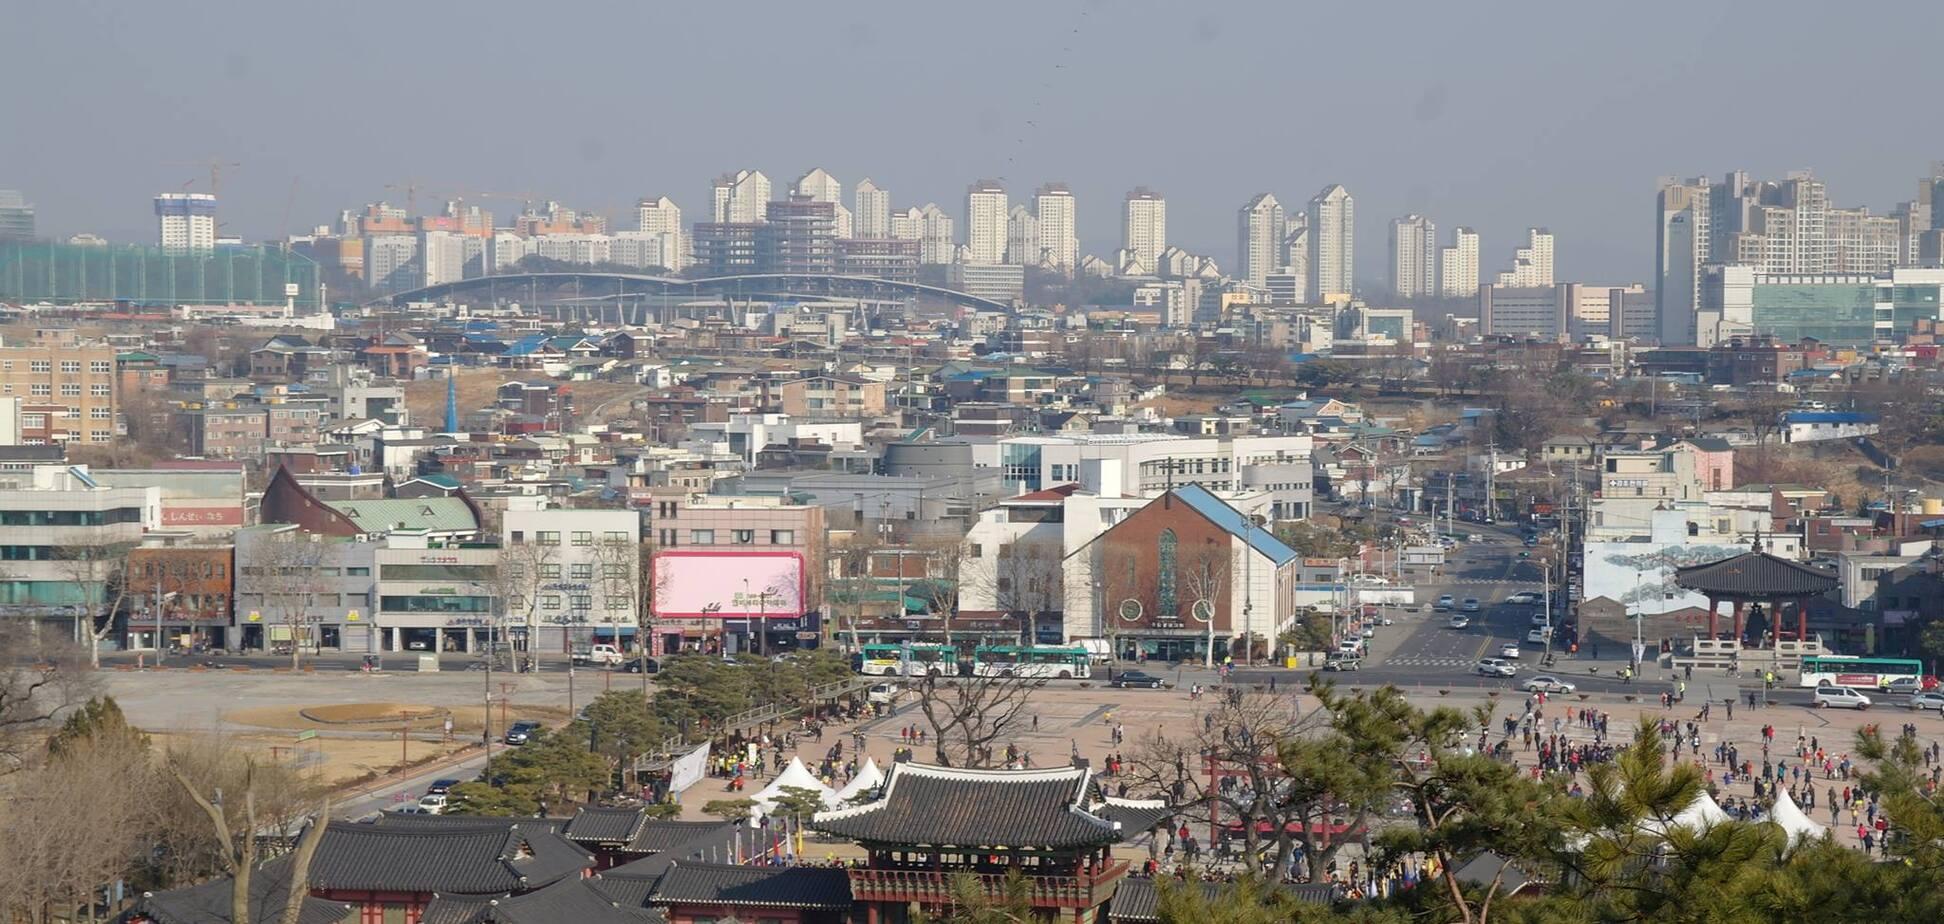 Сповідь емігрантки: як жилося українцям в Південній Кореї